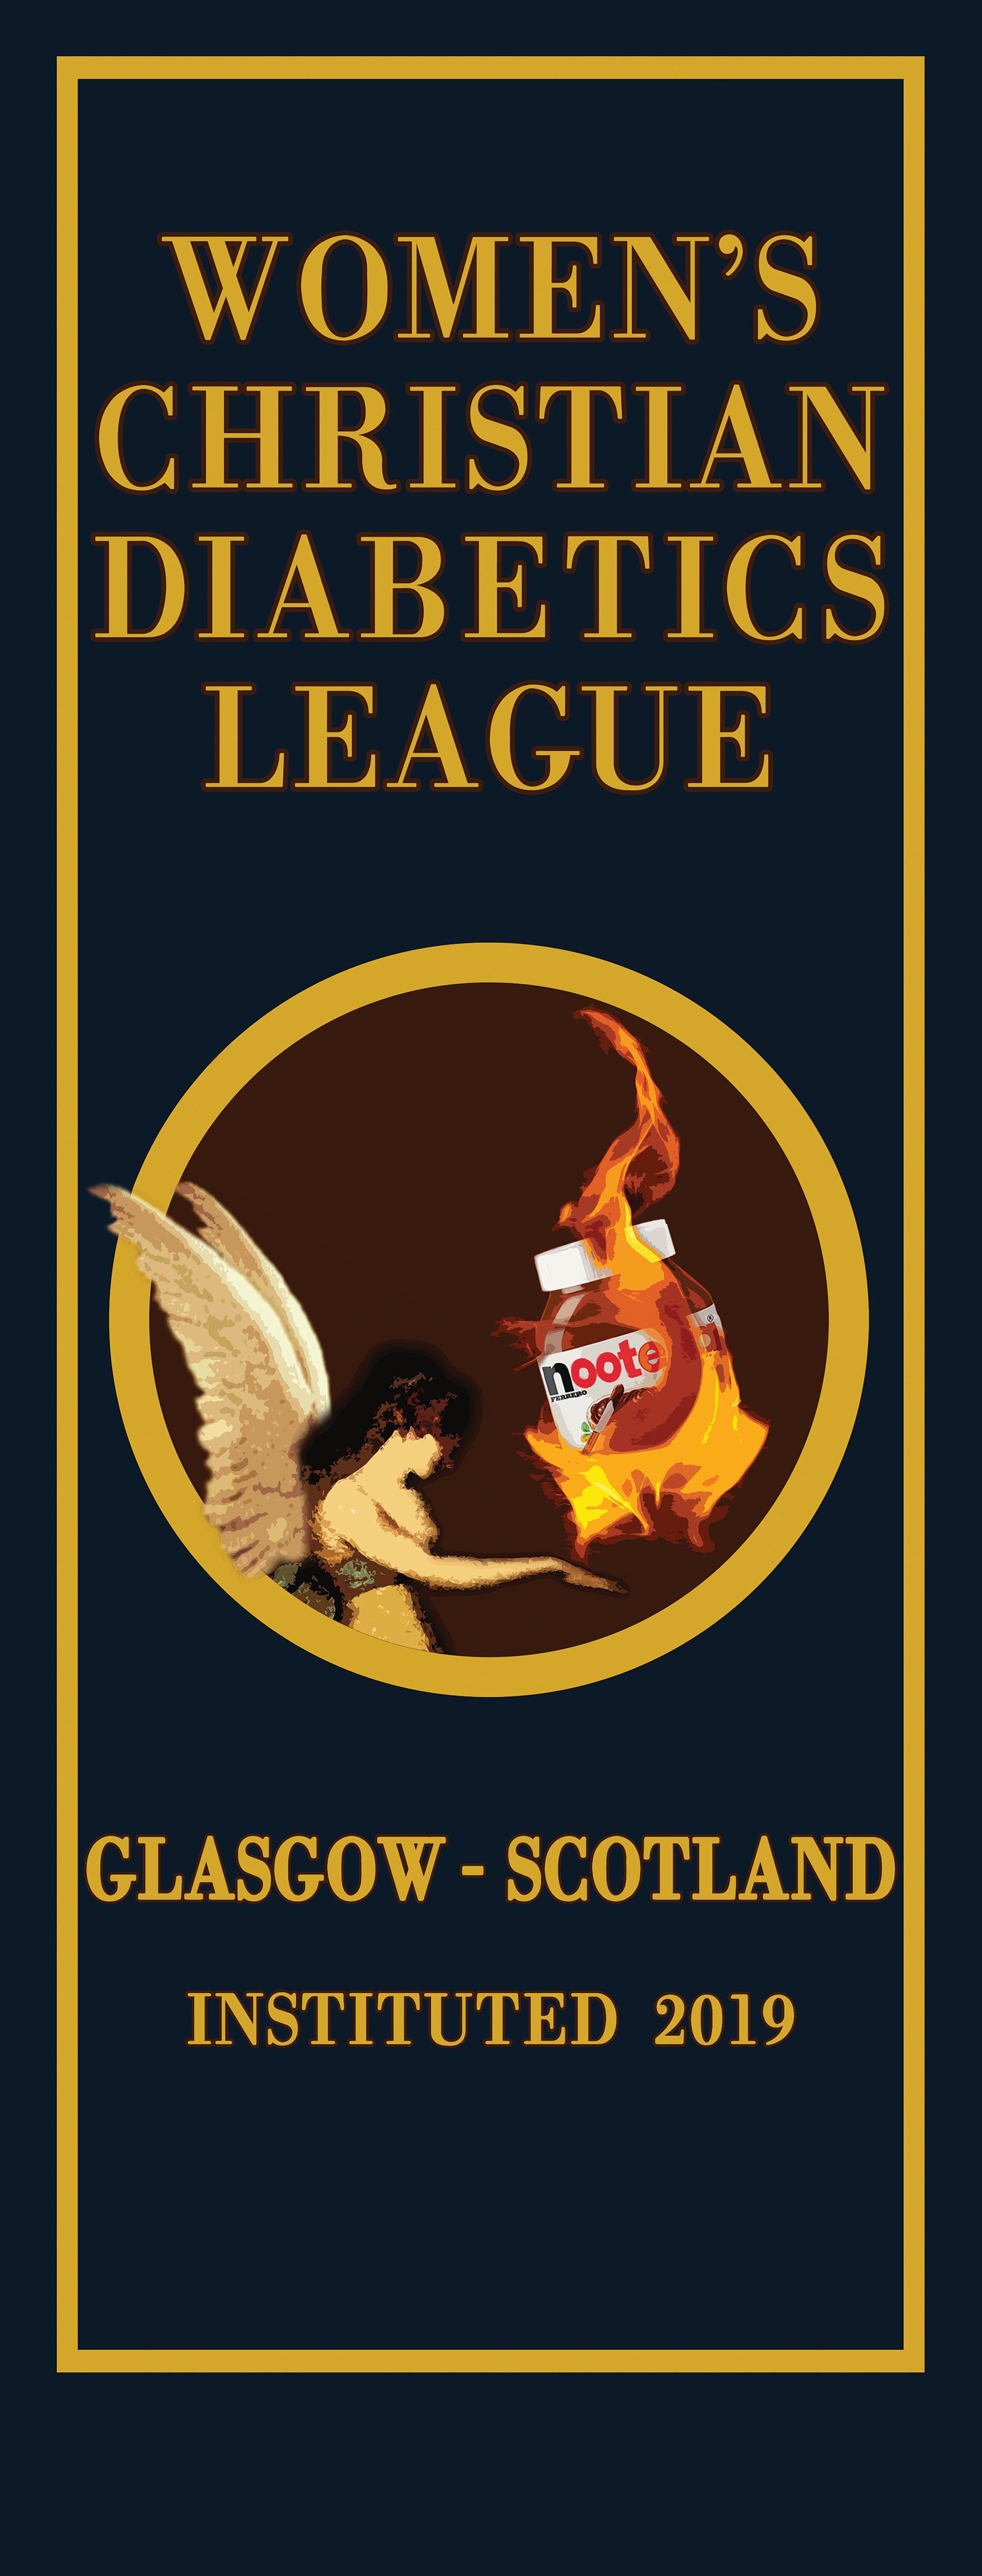 Spoof Diabetics League Poster Design